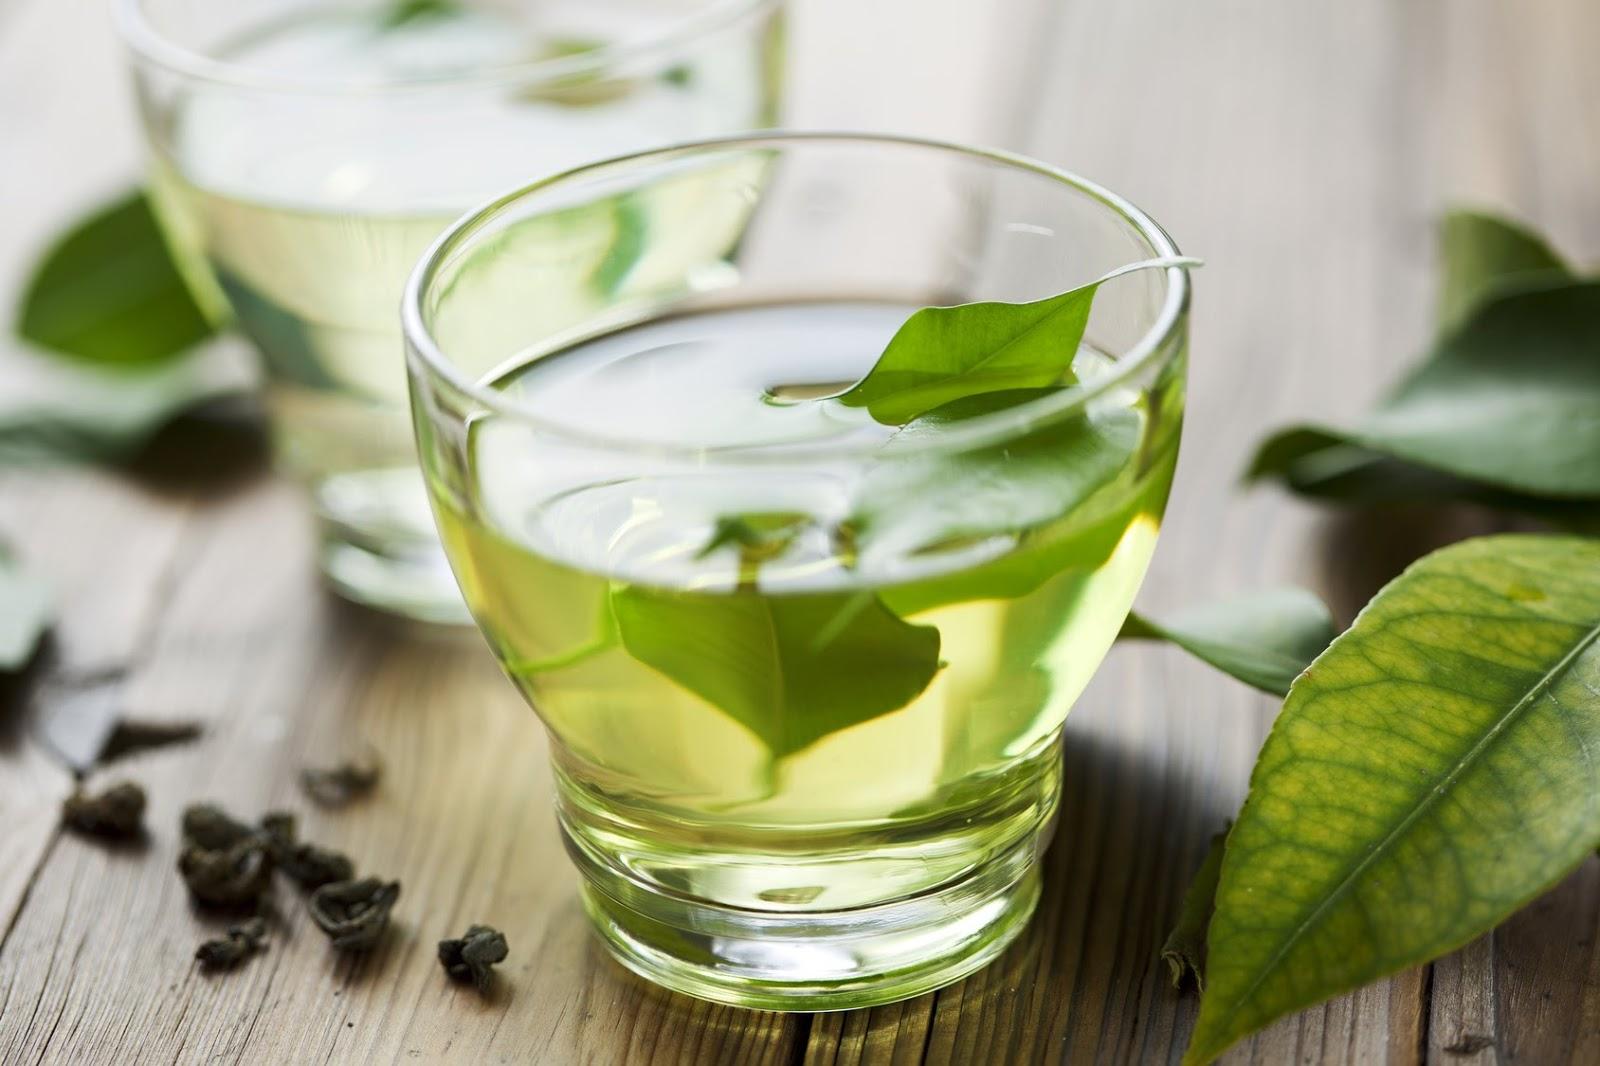 Best way to drink green tea